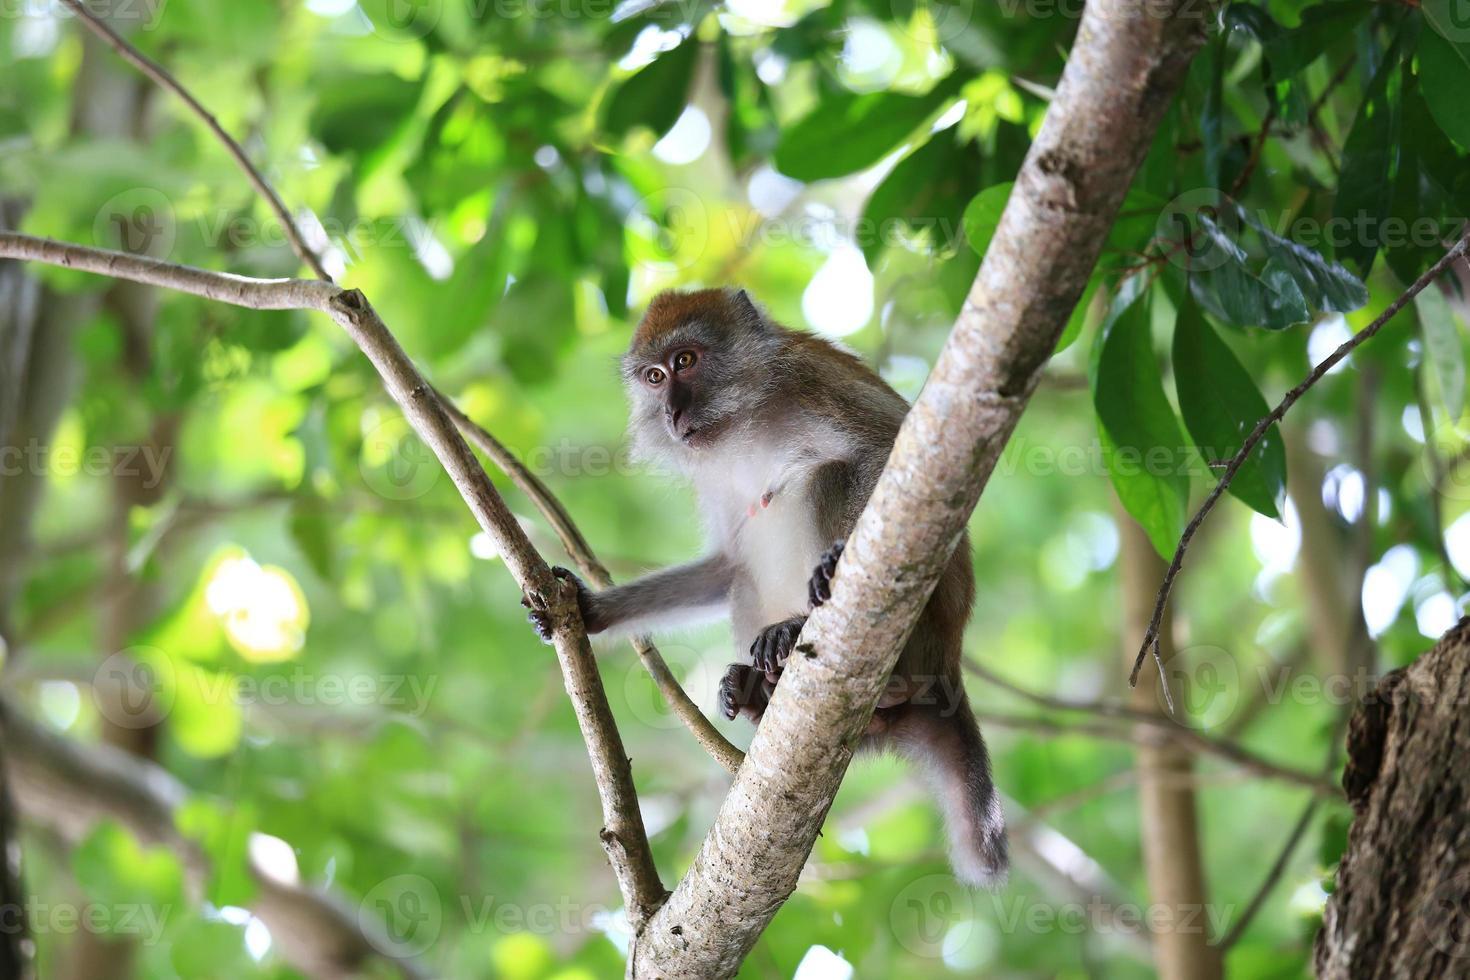 i naturlig livsmiljö, leka och flytta runt, rawi island, satun. foto